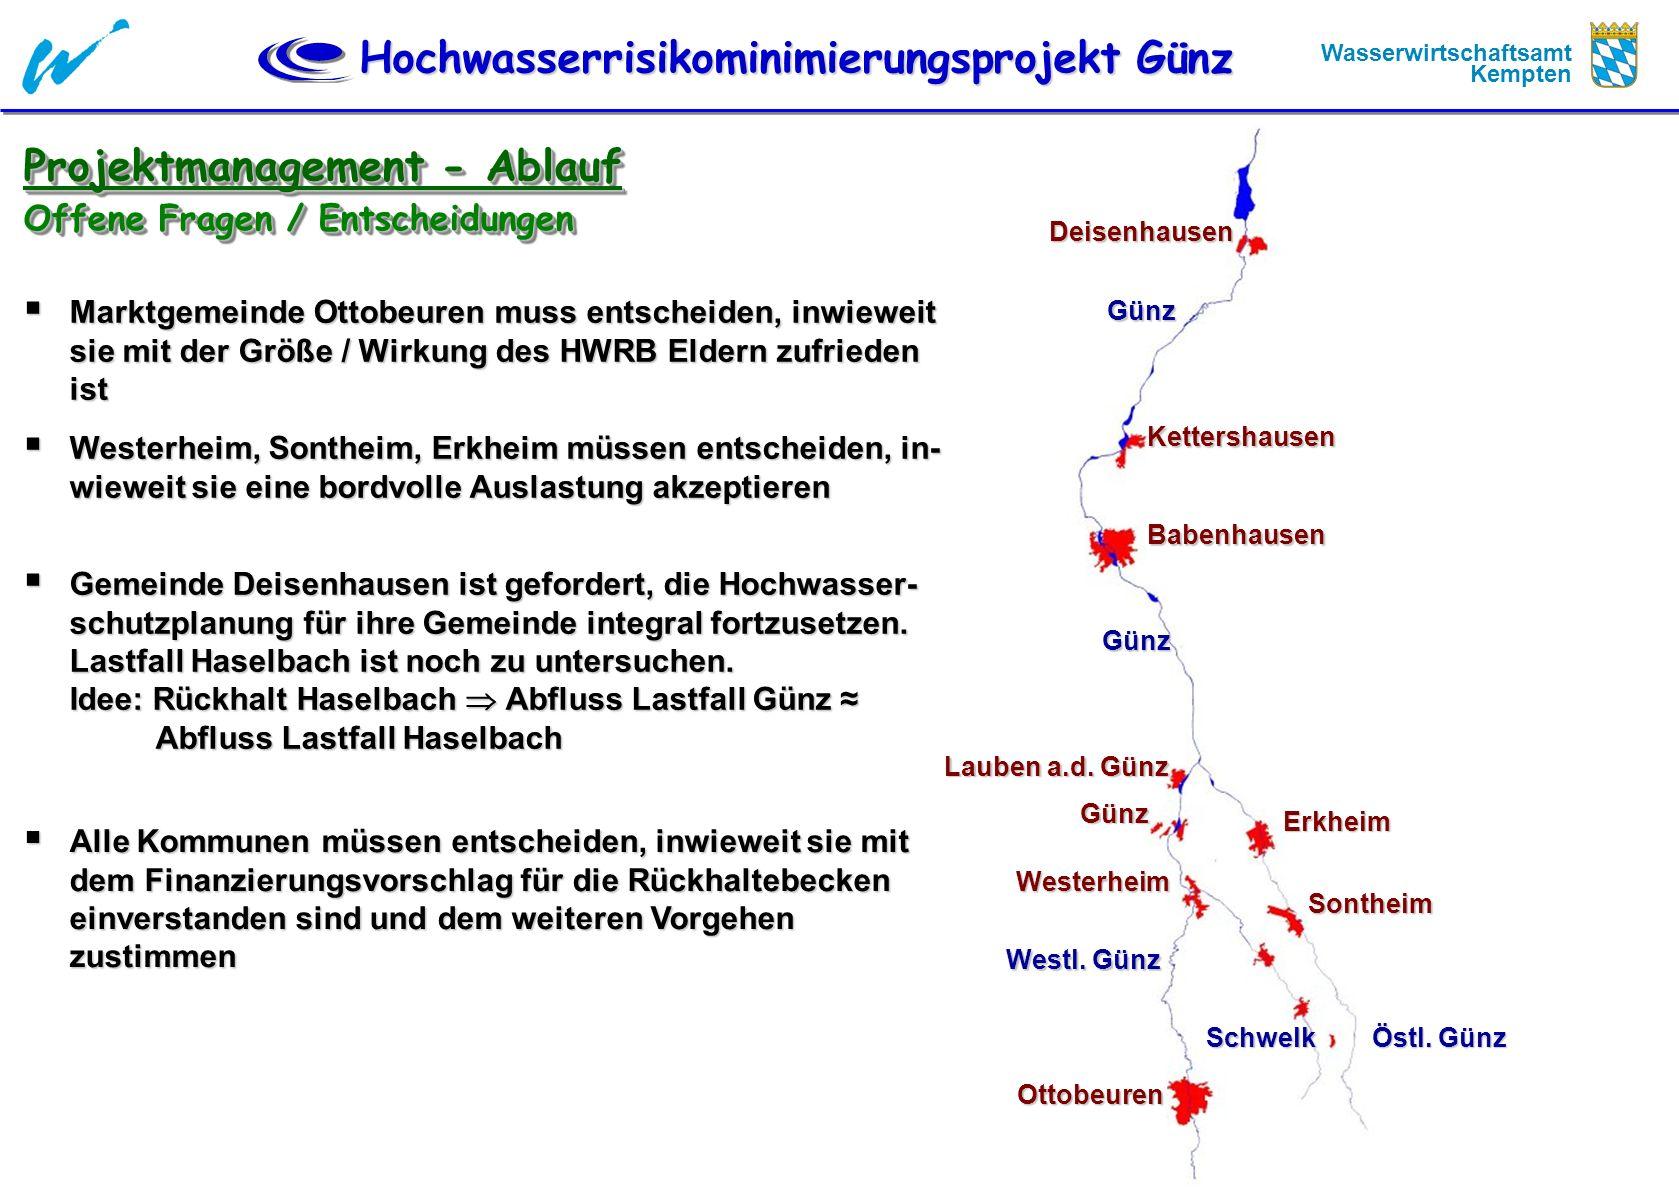 Hochwasserrisikominimierungsprojekt Günz Wasserwirtschaftsamt Kempten Projektmanagement - Ablauf Offene Fragen / Entscheidungen Marktgemeinde Ottobeur